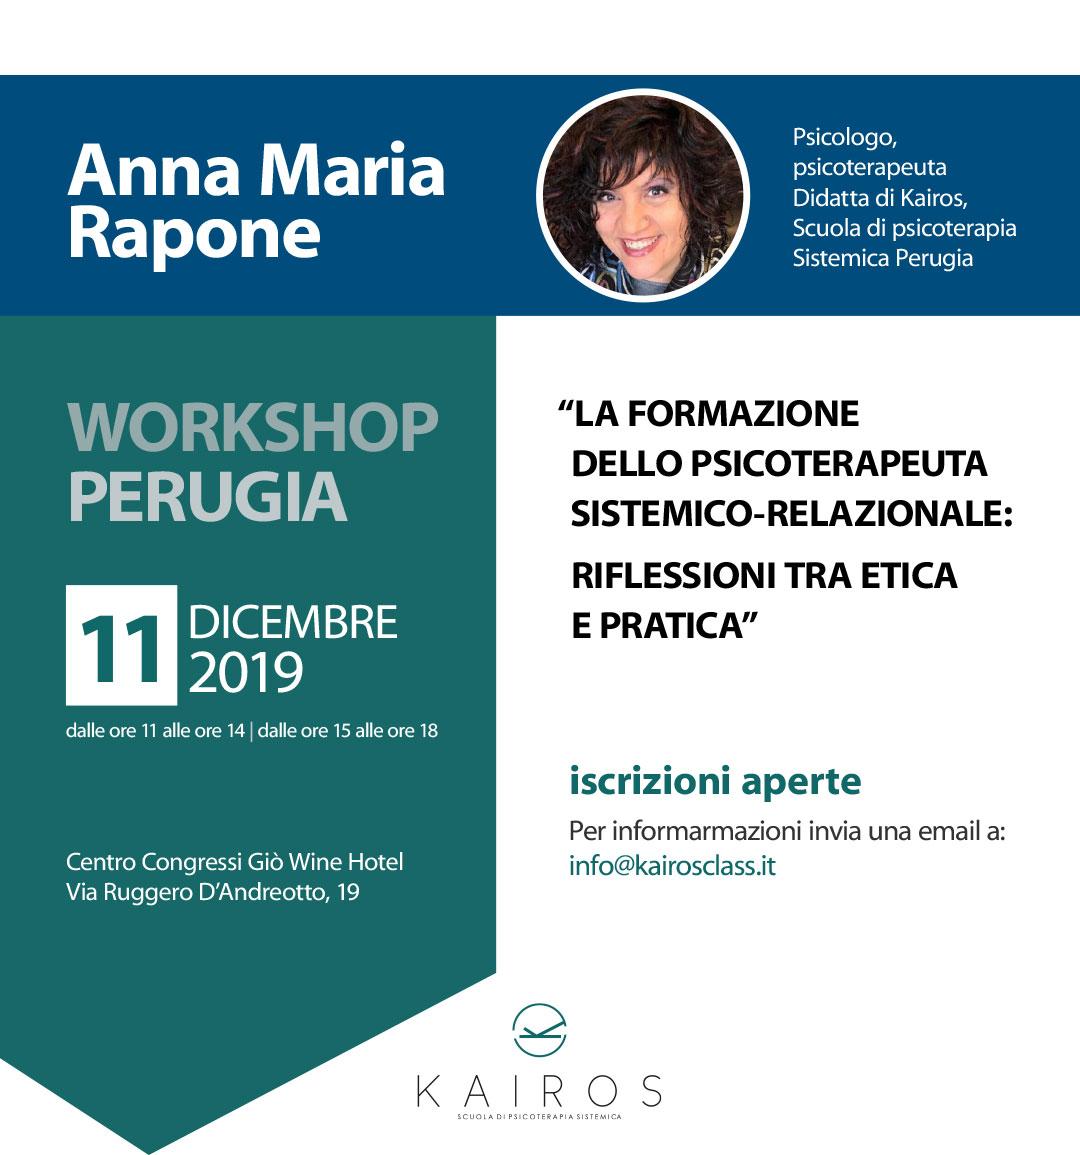 11 Dicembre 2019 Workshop